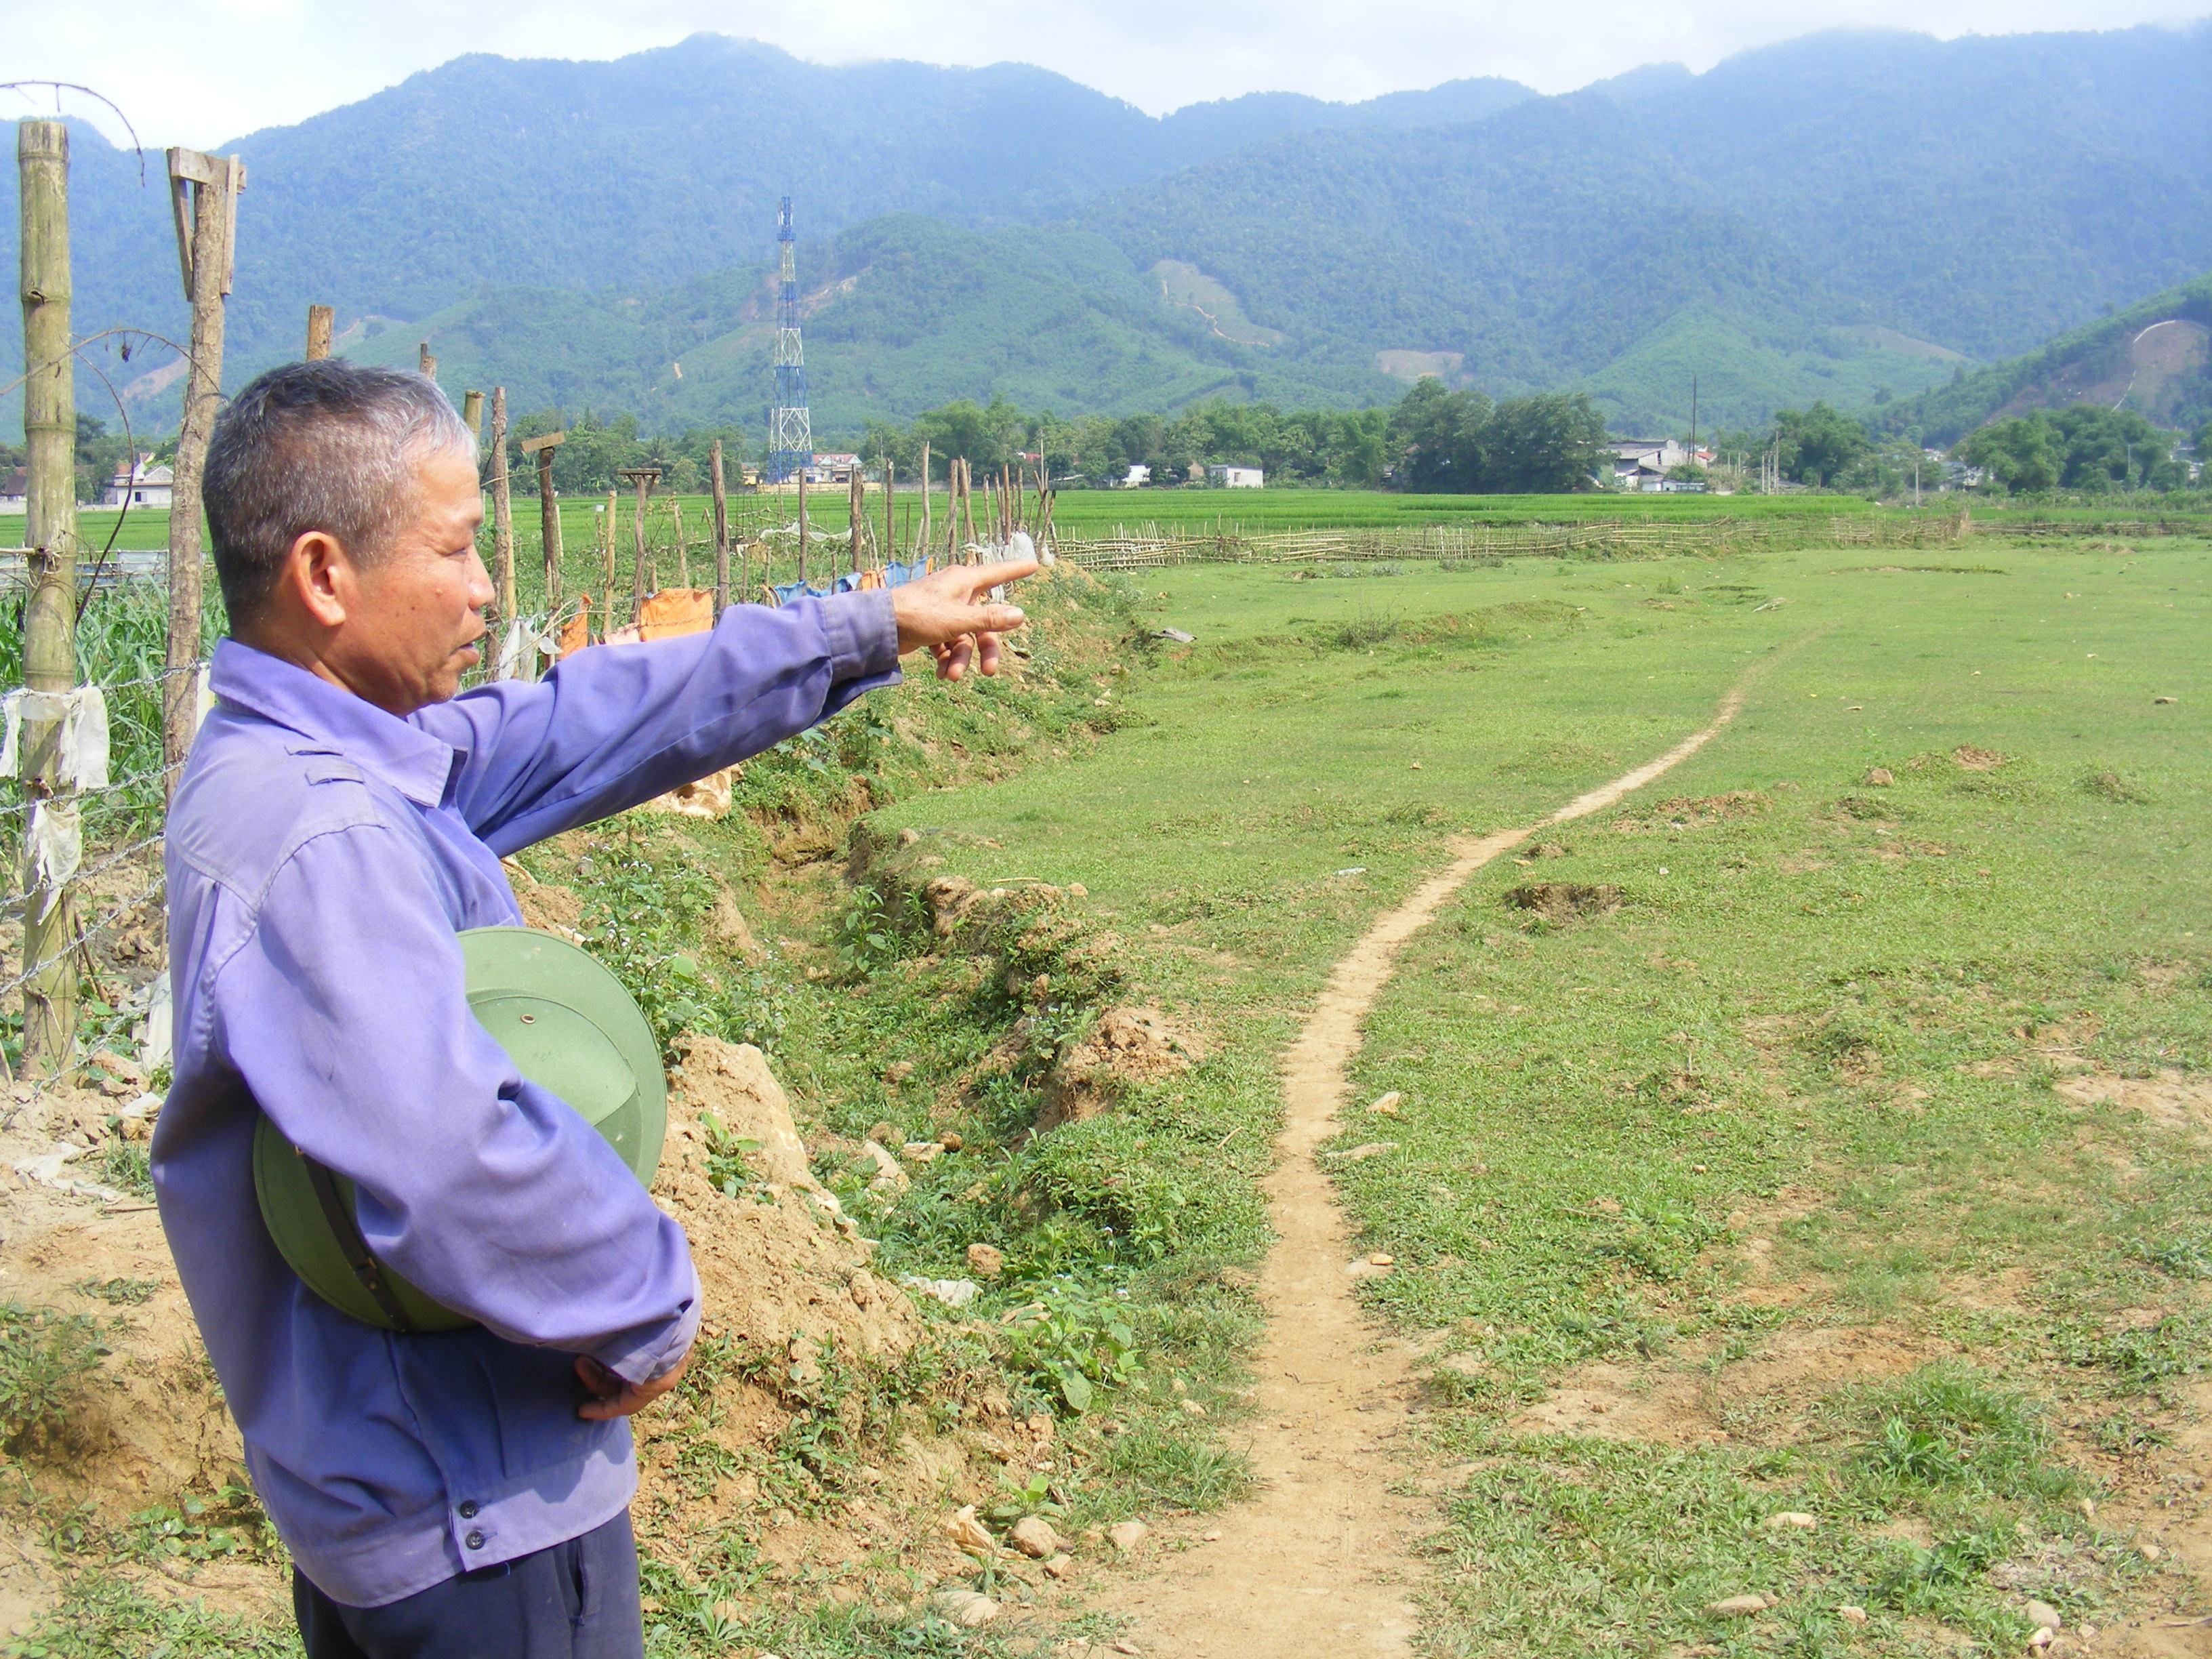 """Ông Nguyễn Văn Liên, người có nhiều năm khai thác mỏ, nhận định: """"Hiện tượng đất sụt, nước tụt là do khai thác khoáng sản"""""""